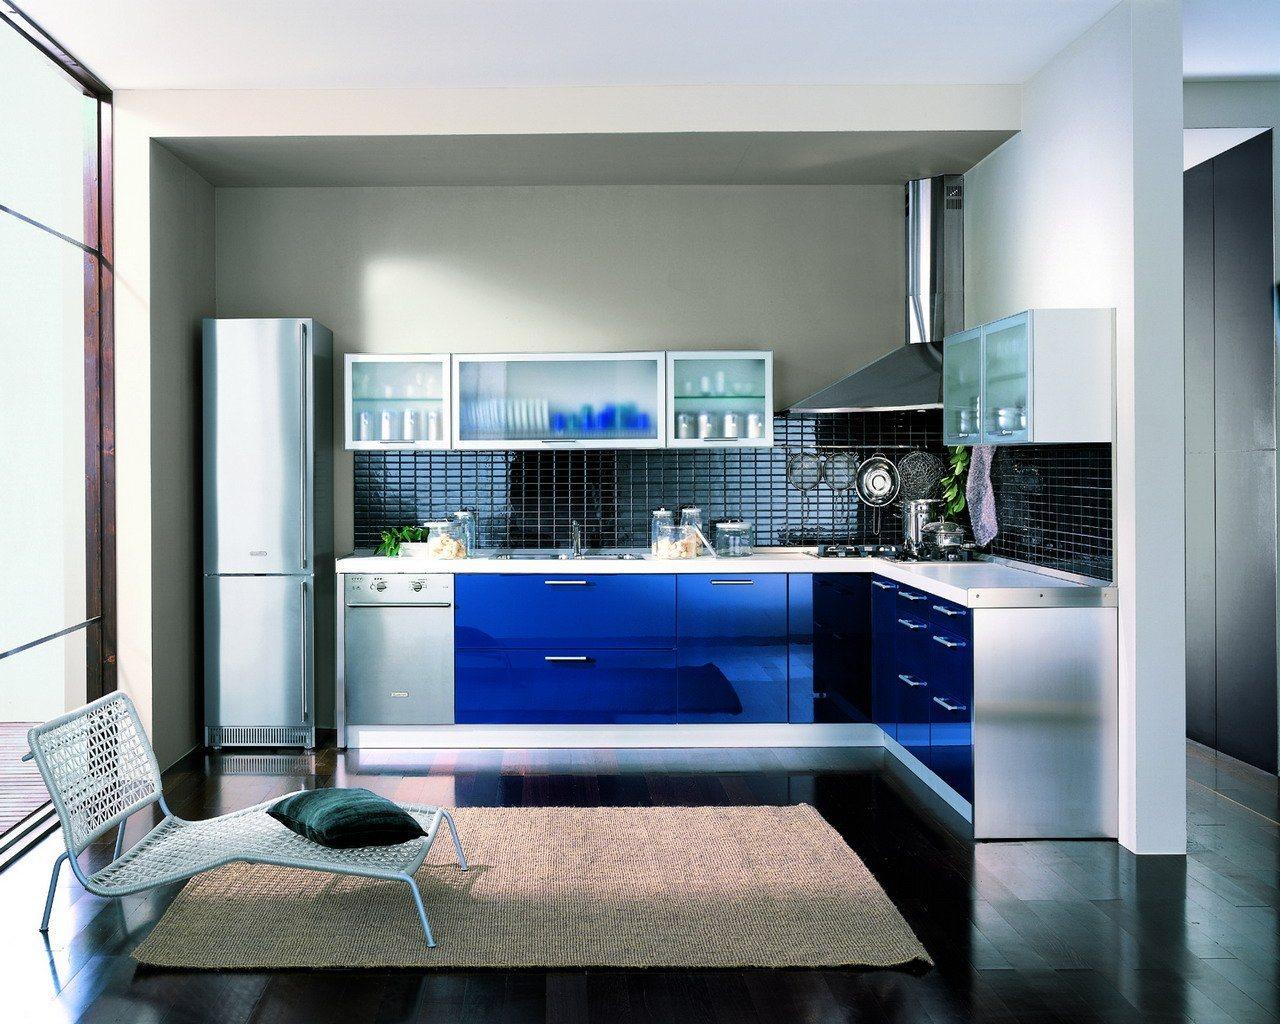 galeria de imagens de decorações em azul